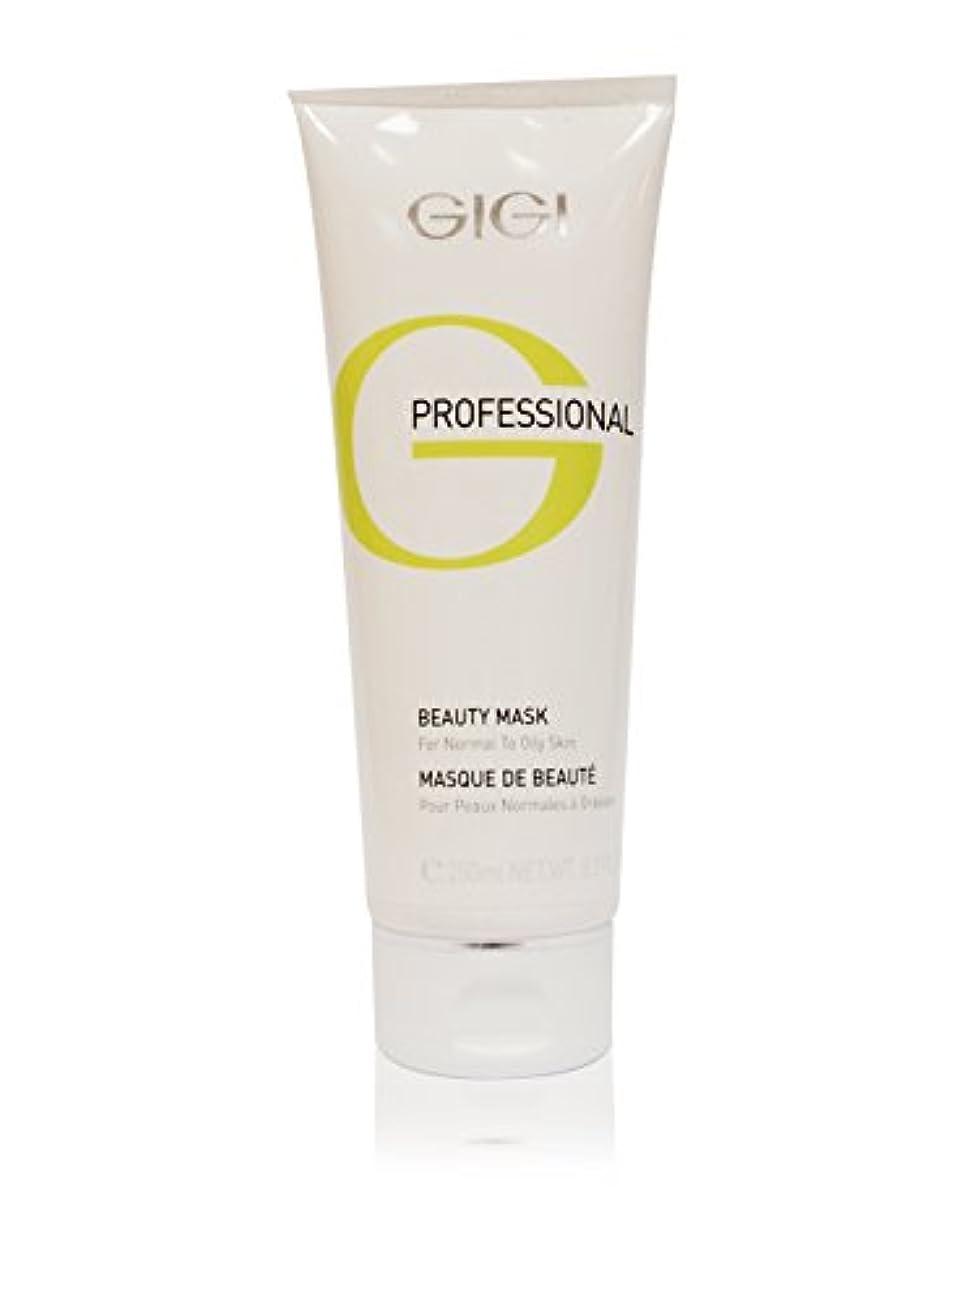 叱る飛躍安価なGIGI Beauty Mask for Normal to Oily Skin 250ml 8.4fl.oz